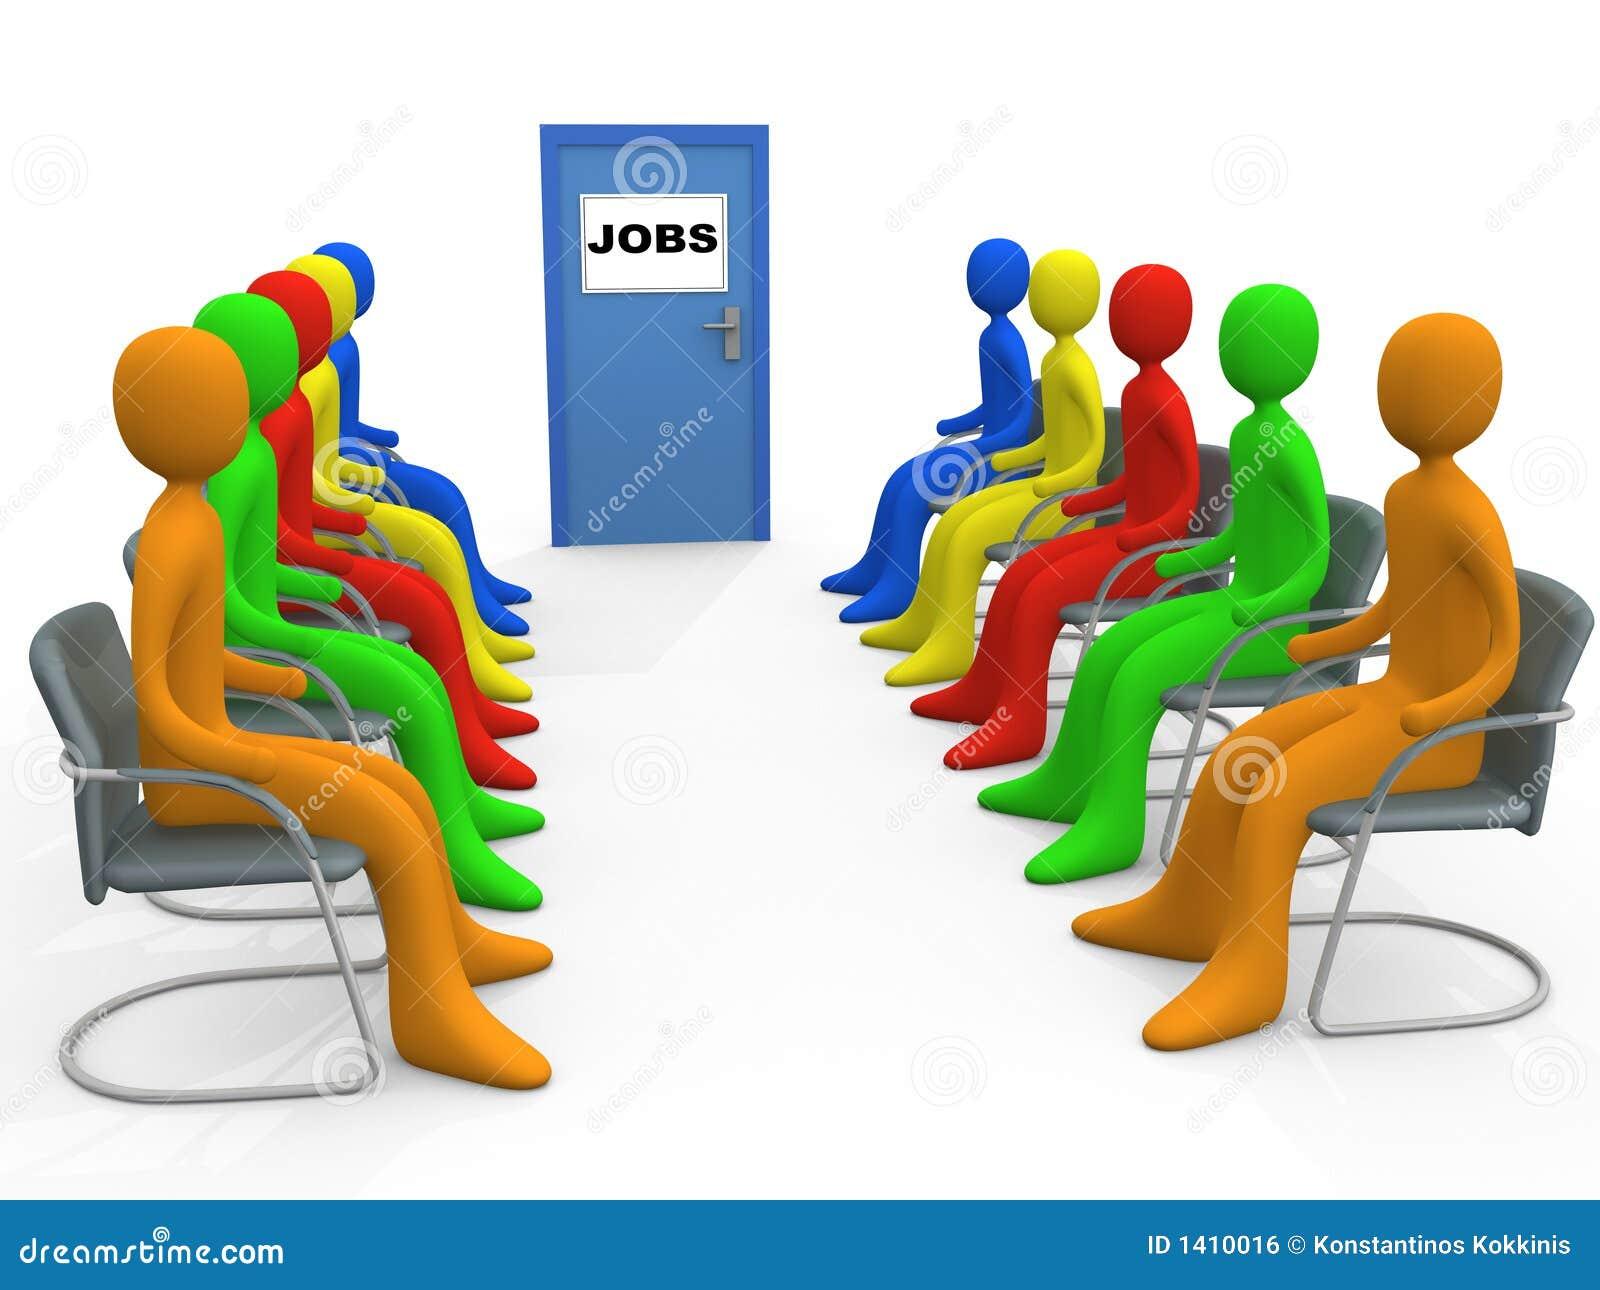 Asunto - aplicación de trabajo